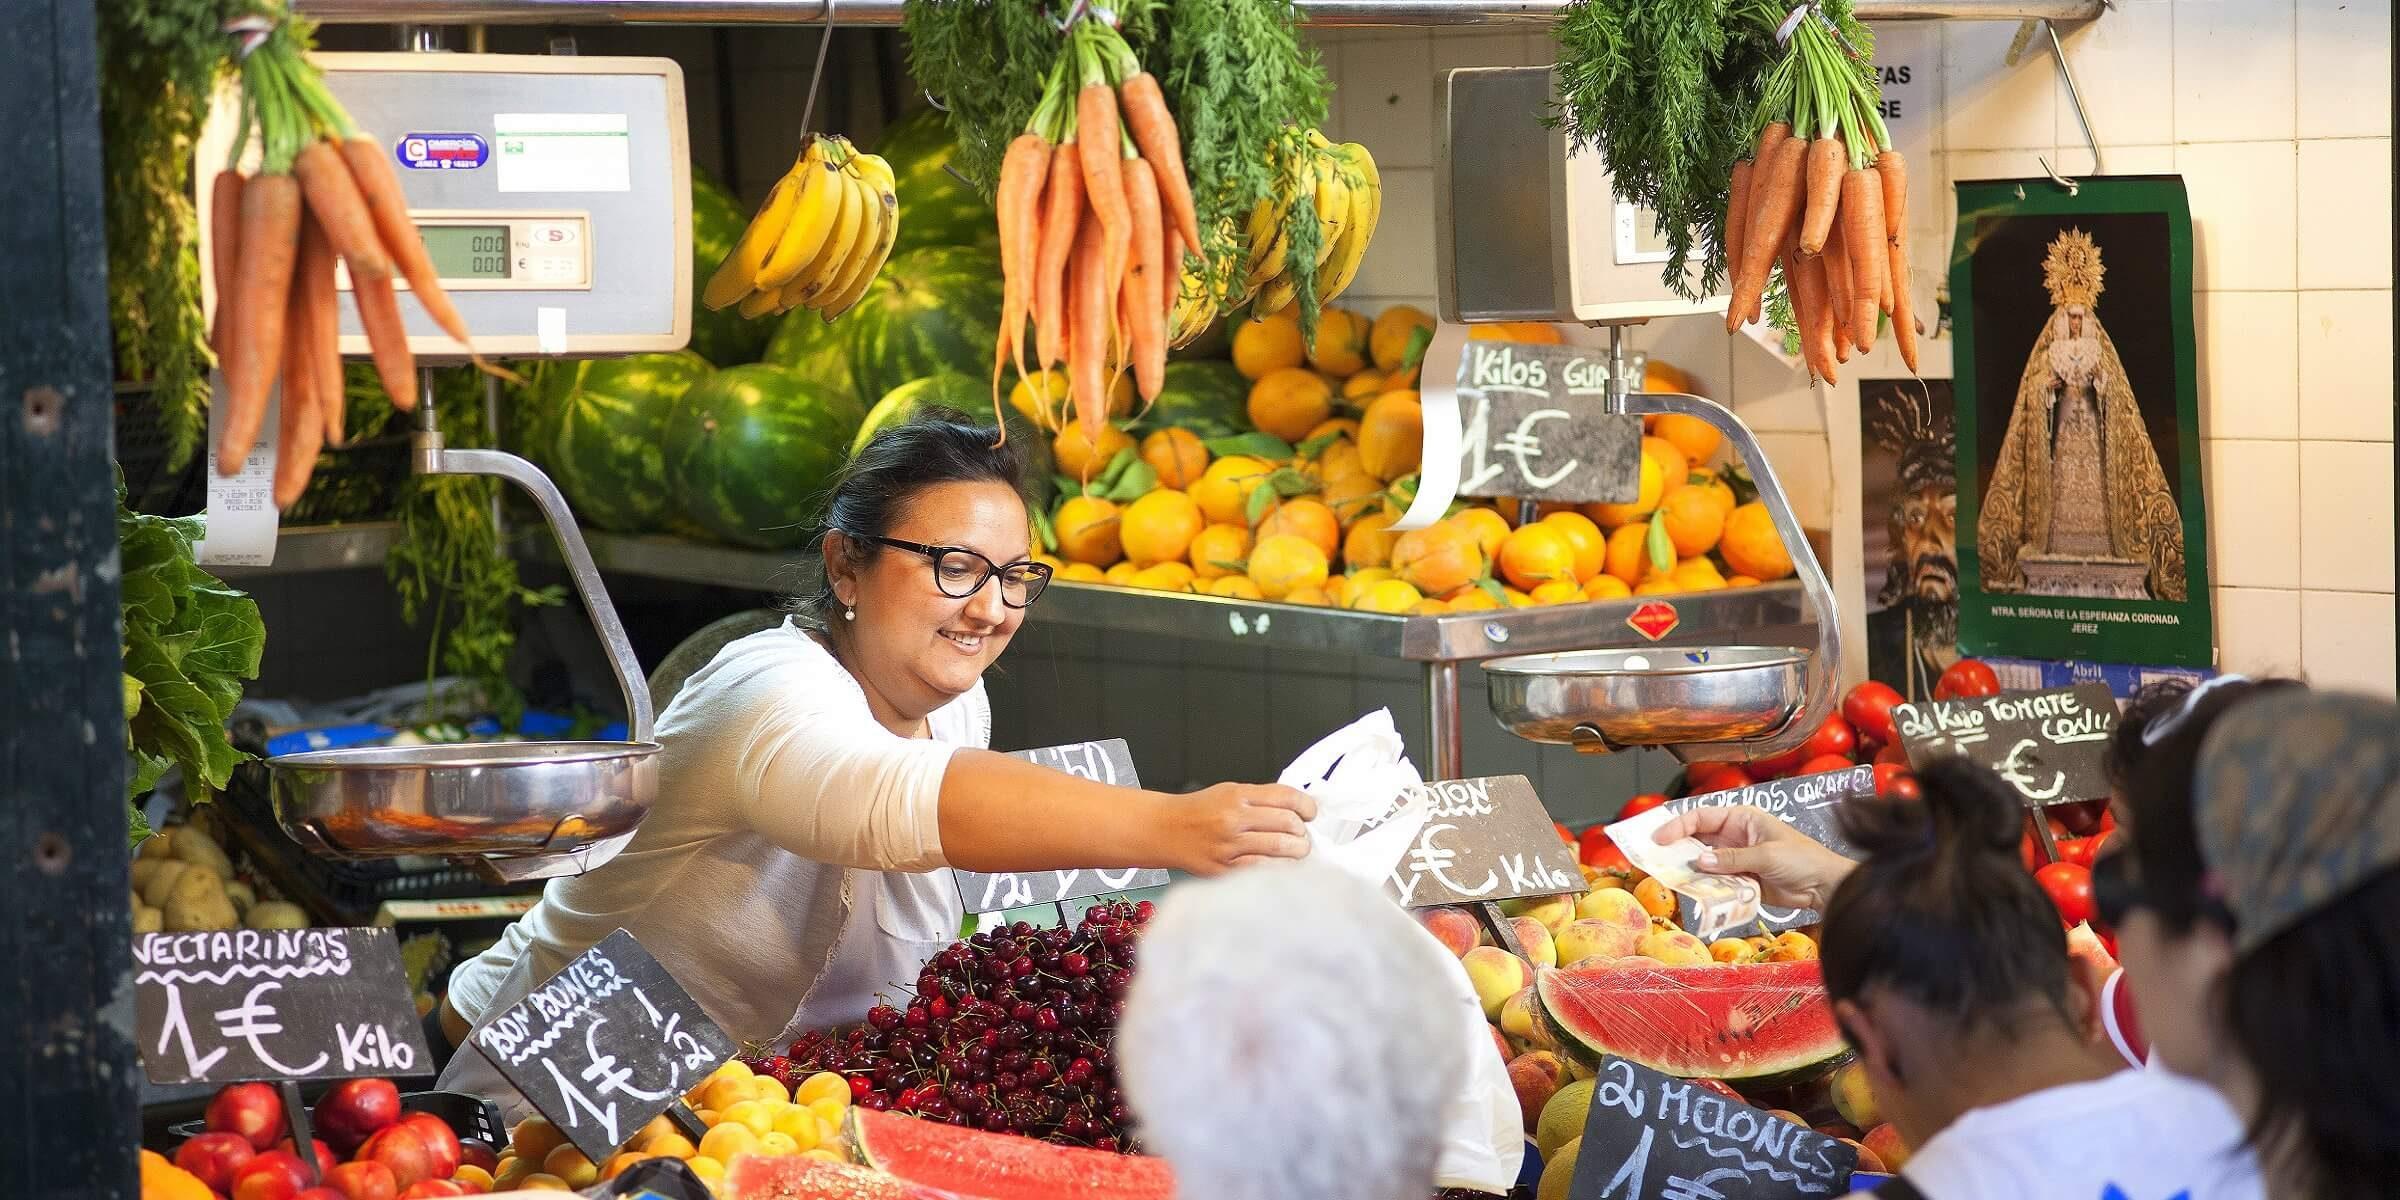 An jeder Ecke gibt es kleine Märkte bei denen man frisches Obst und Gemüse kaufen kann.